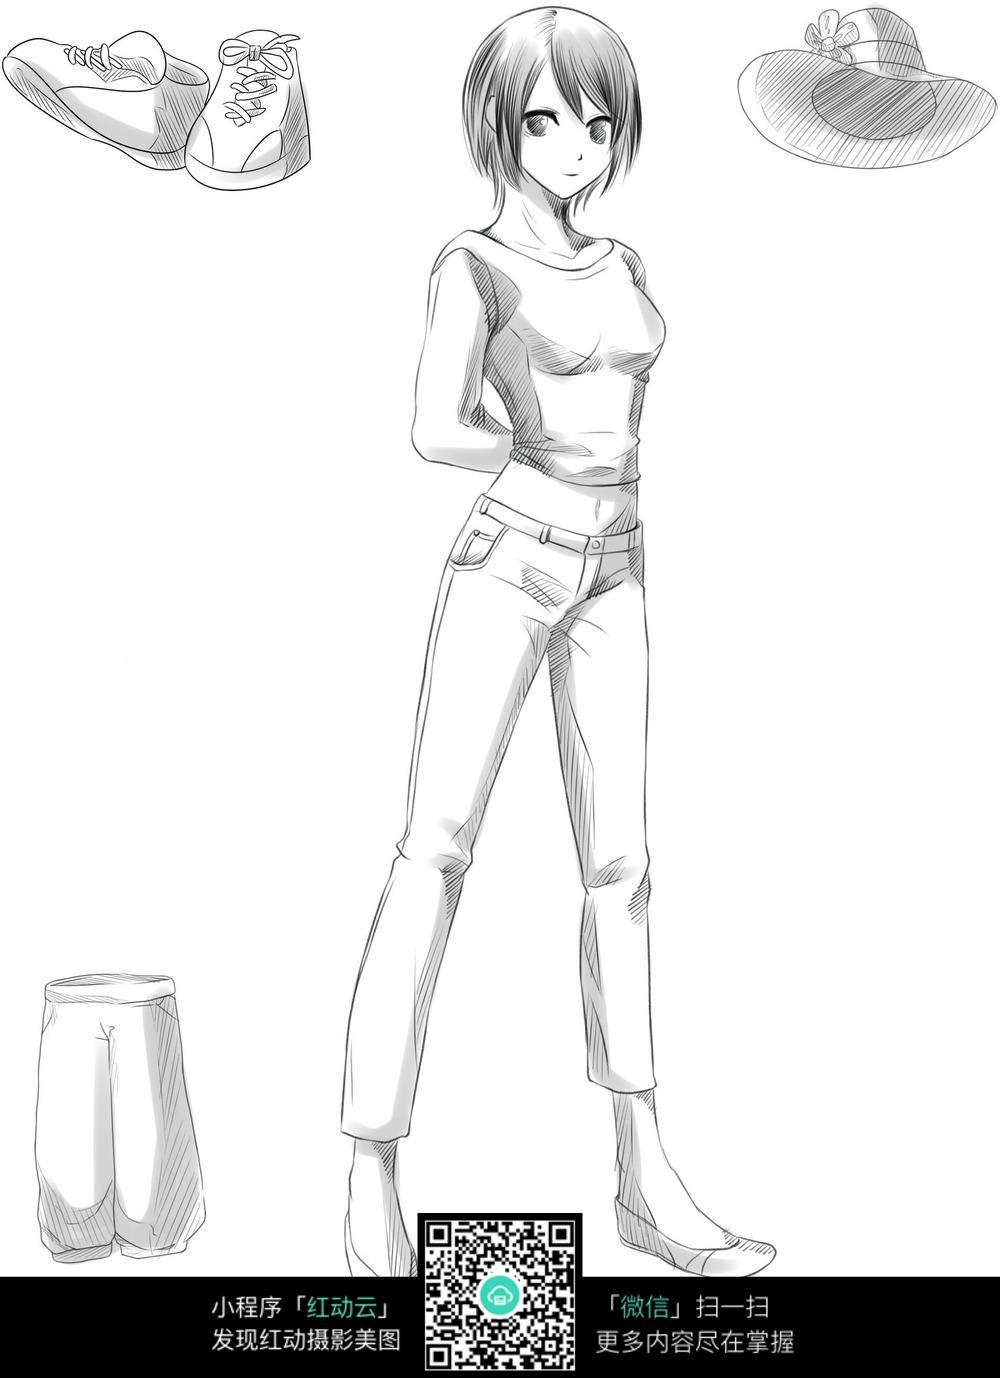 女孩和服饰卡通手绘